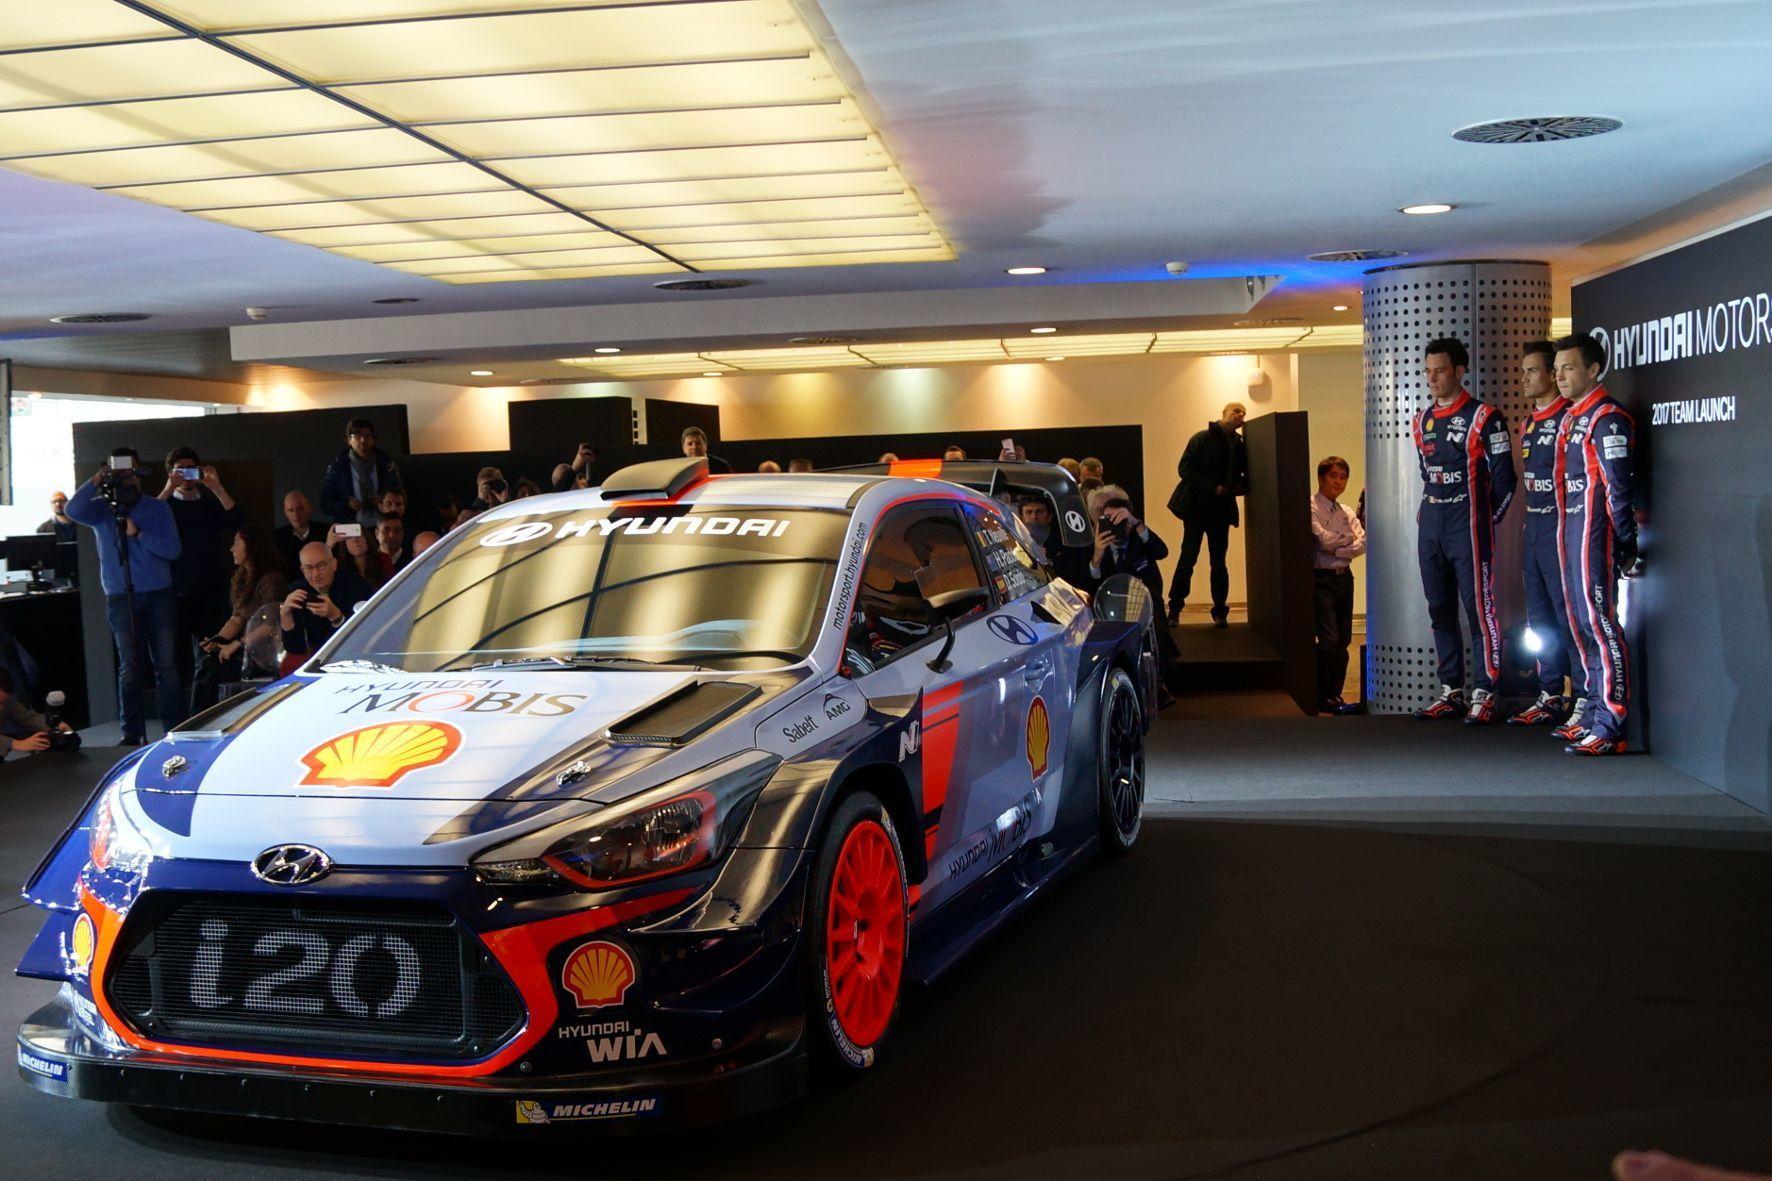 mid Monza - Mit dem i20 WRC will Hyundai in der Rallye-Weltmeisterschaft 2017 um den Titel kämpfen.